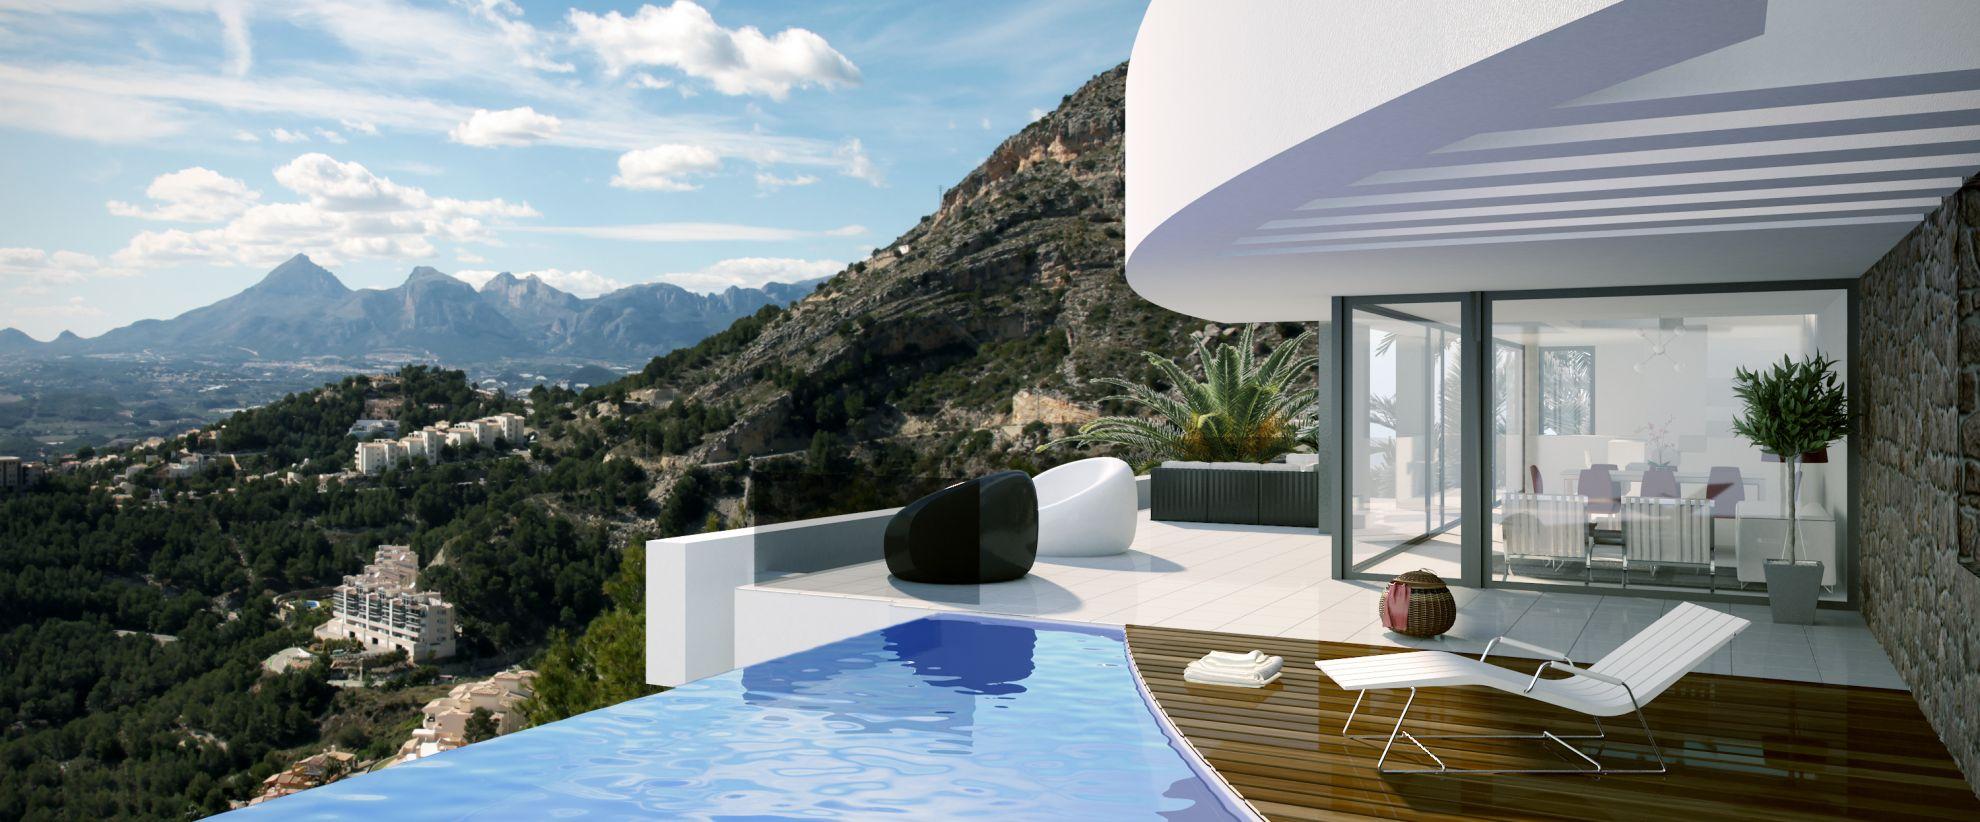 Villas in Altea Hills 6